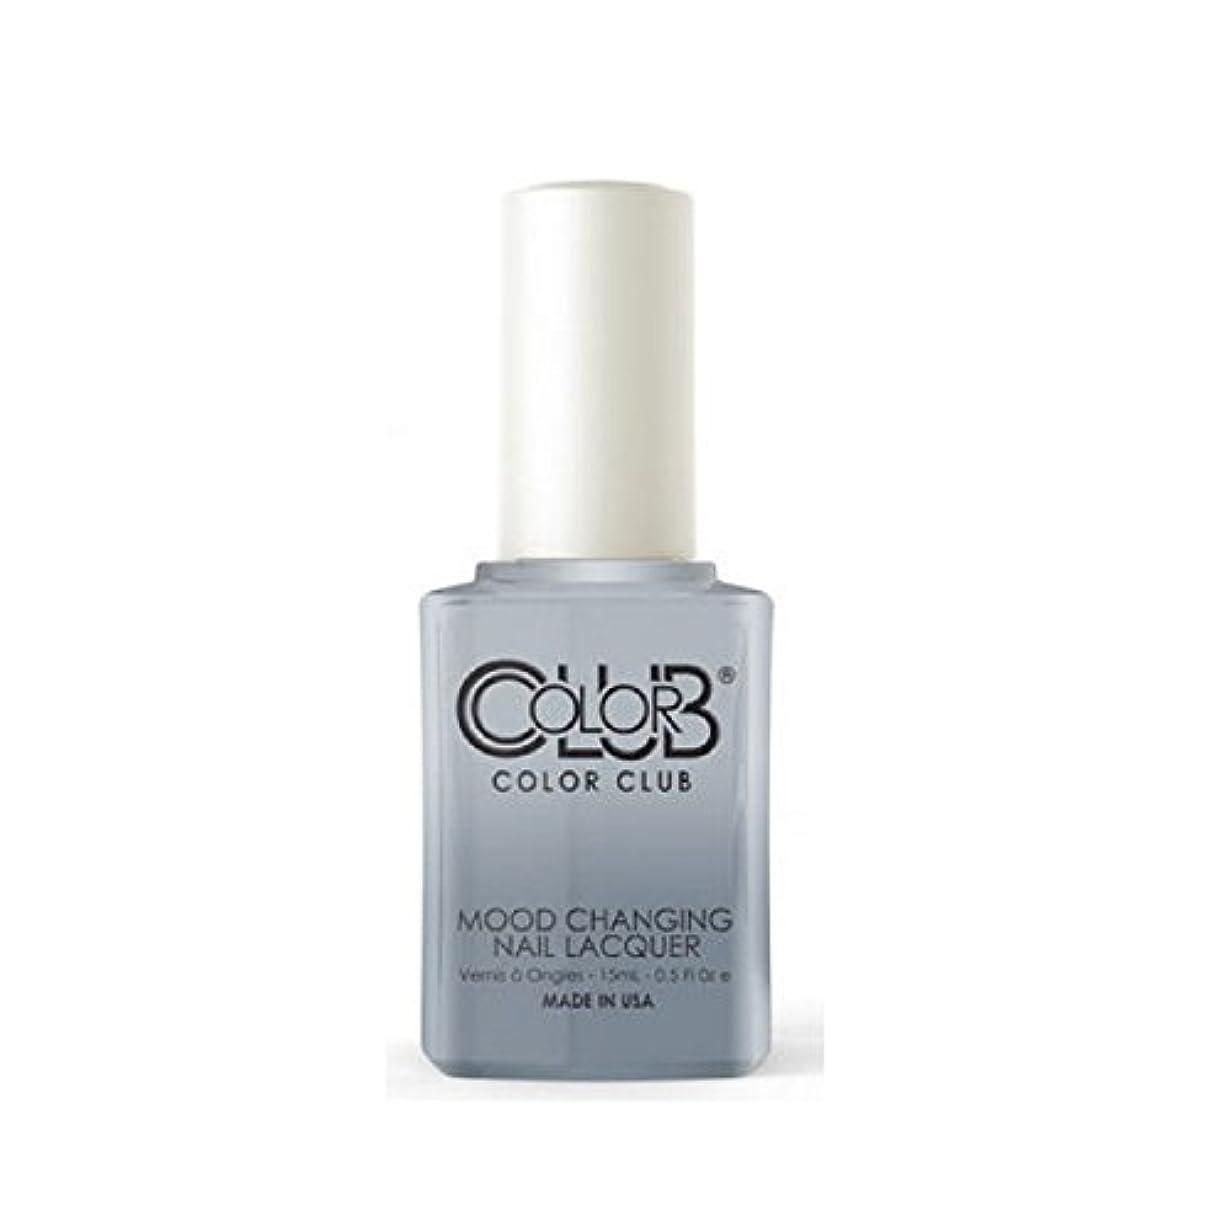 神話気づくなる結果Color Club Mood Changing Nail Lacquer - Head in the Clouds - 15 mL / 0.5 fl oz